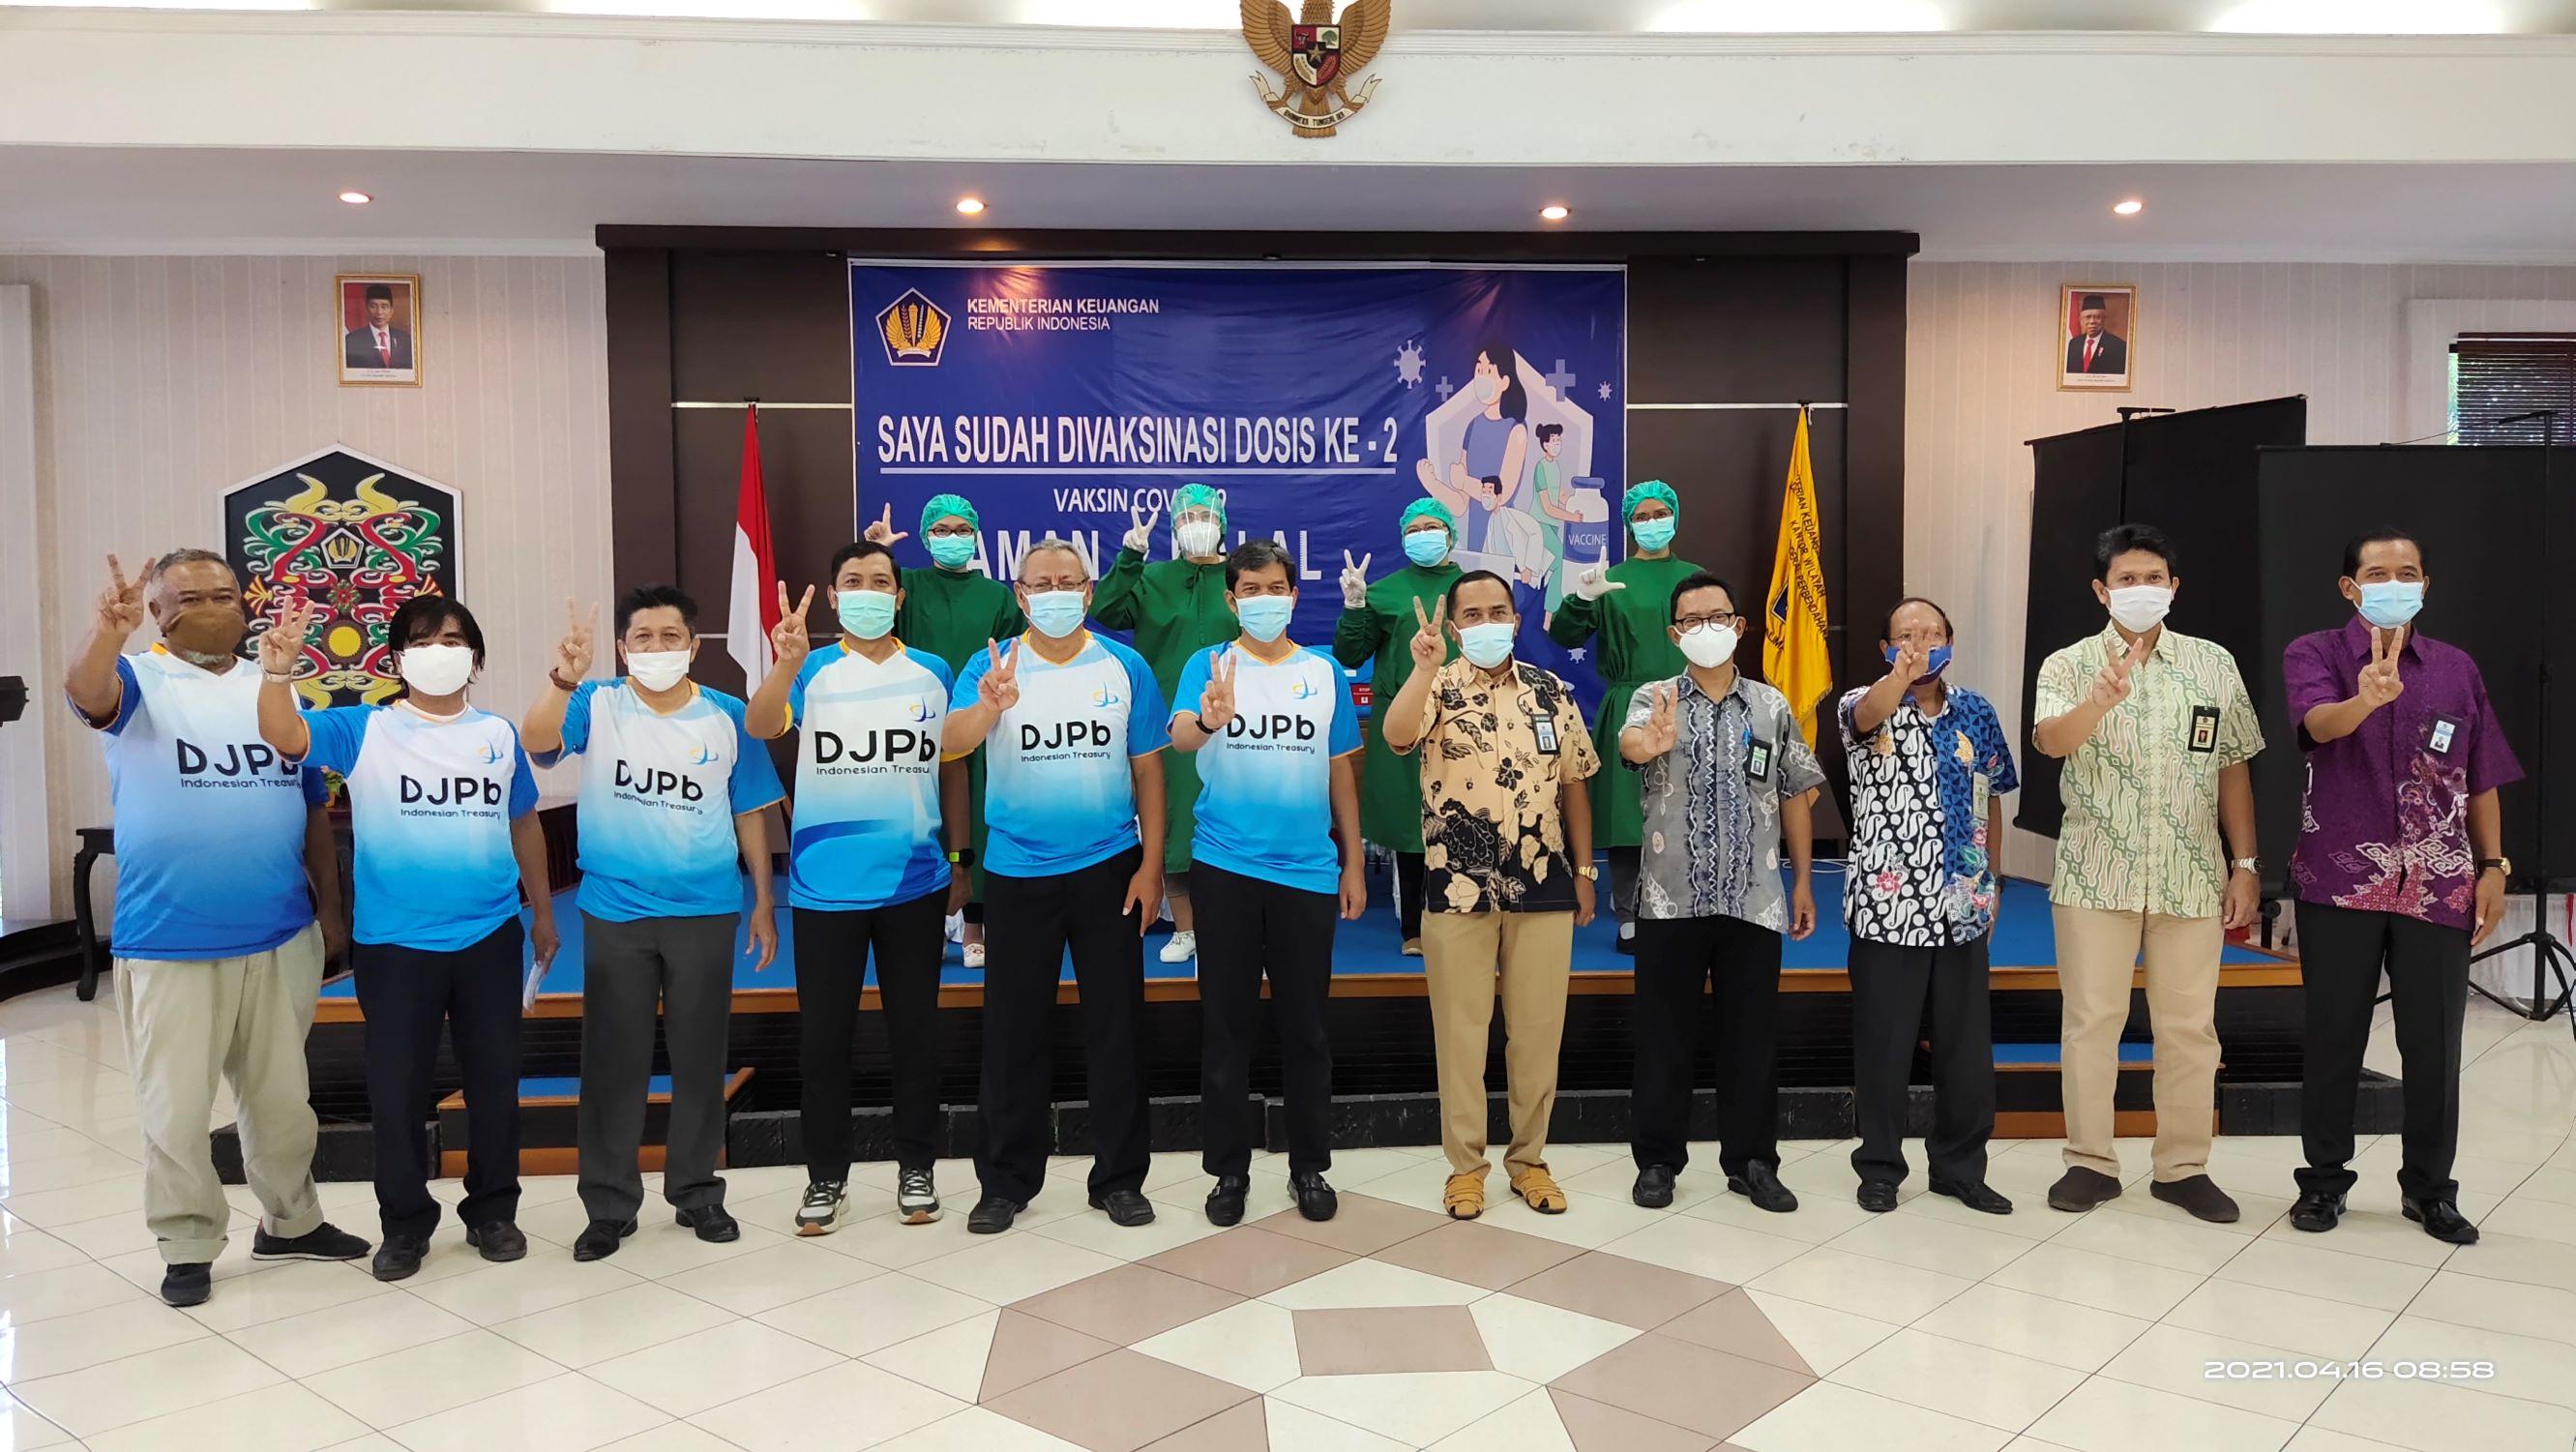 KPKNL Palangka Raya Turut Berpartisipasi dan Mendukung Pelaksanaan Vaksinasi  Covid- 19 Tahap II Pegawai Kementerian Keuangan Palangka Raya